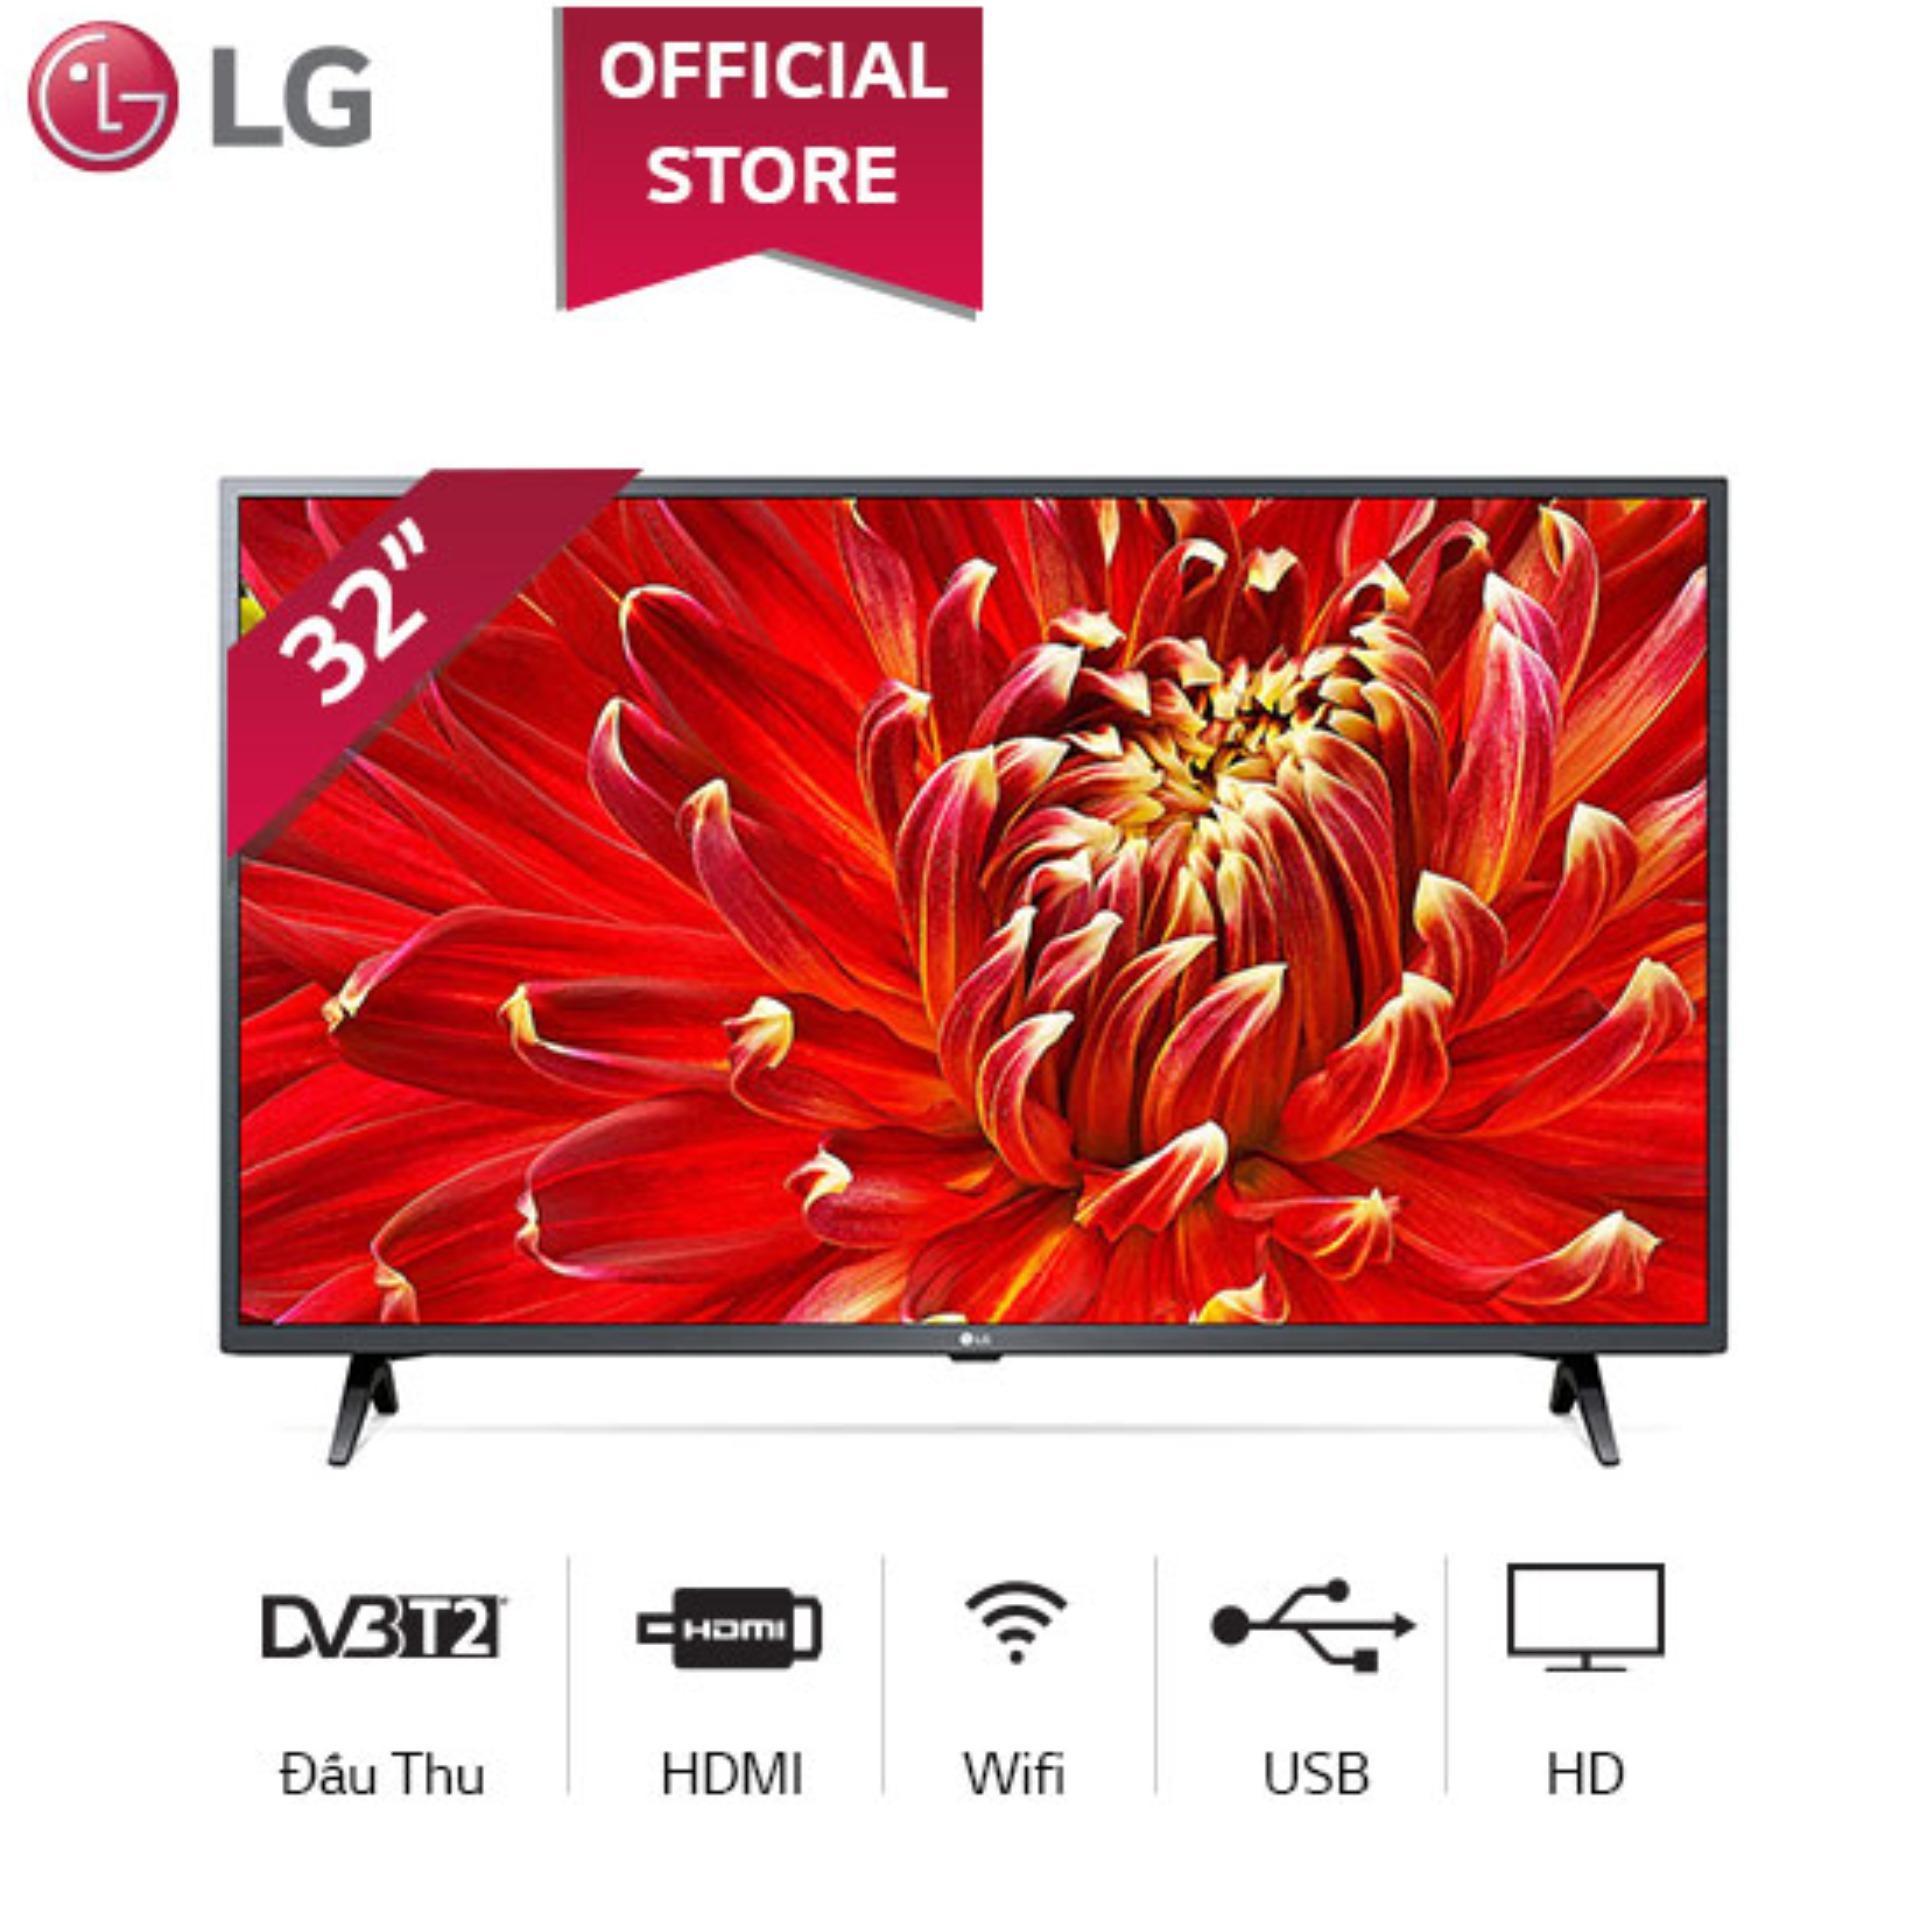 Smart TV LG 32inch HD - Model 32LM630BPTB (2019) - Hãng phân phối chính thức